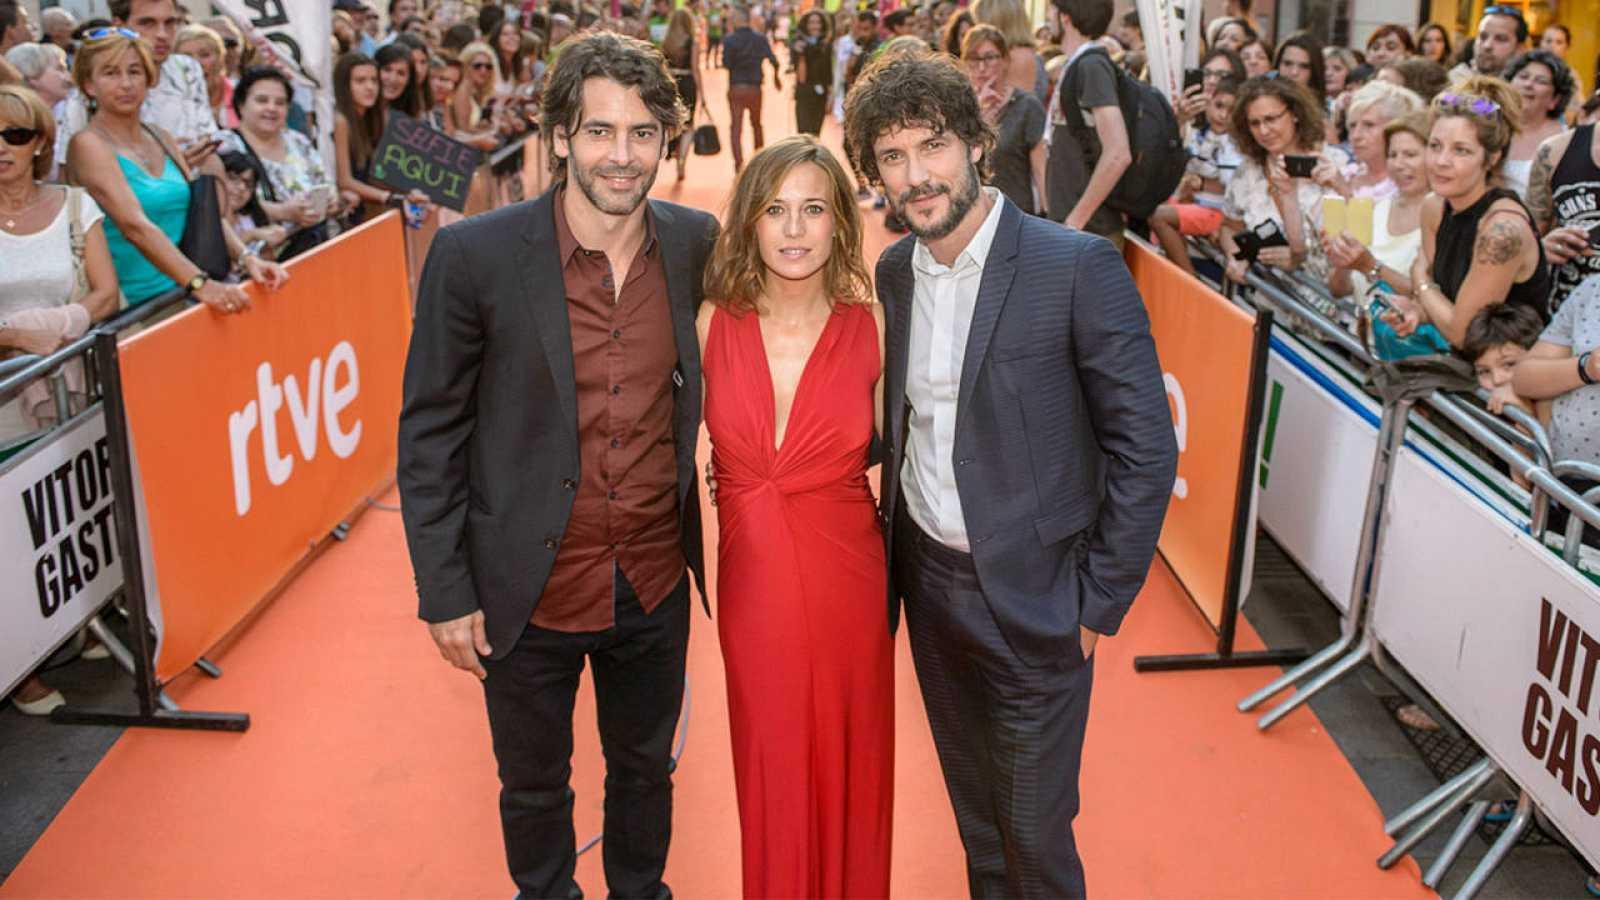 Eduardo Noriega, Marta Etura y Daniel Grao en la alfombra naranja de Vitoria